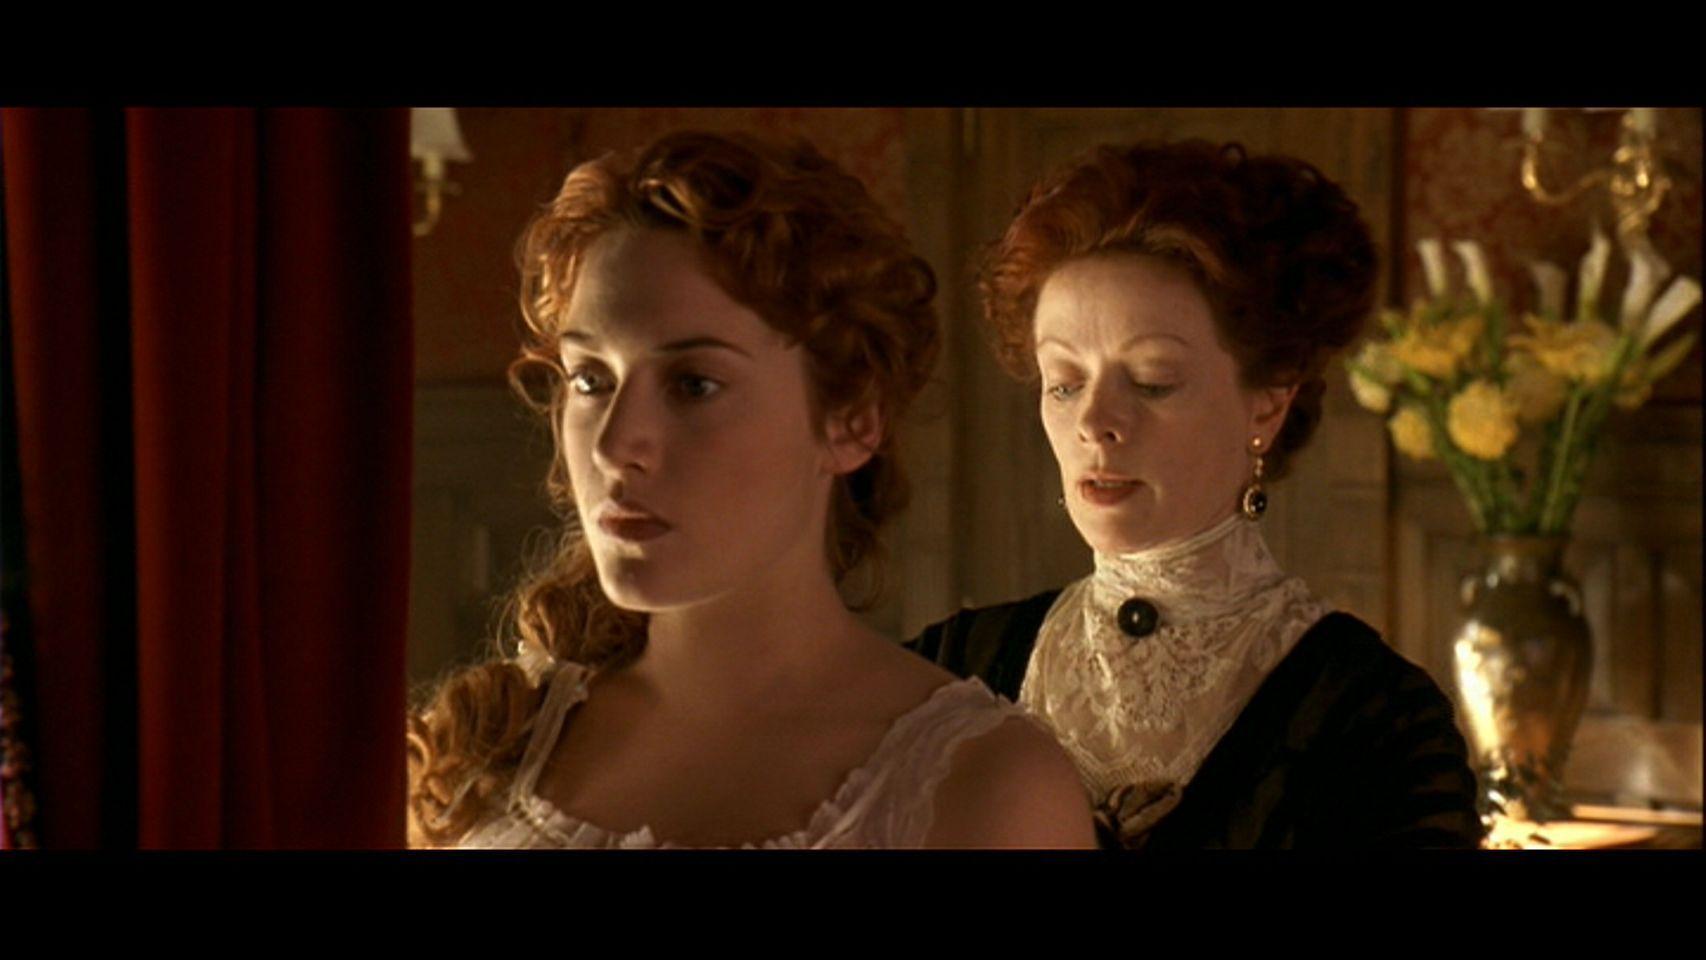 Titanic [1997] - Titanic Image (22279786) - Fanpop